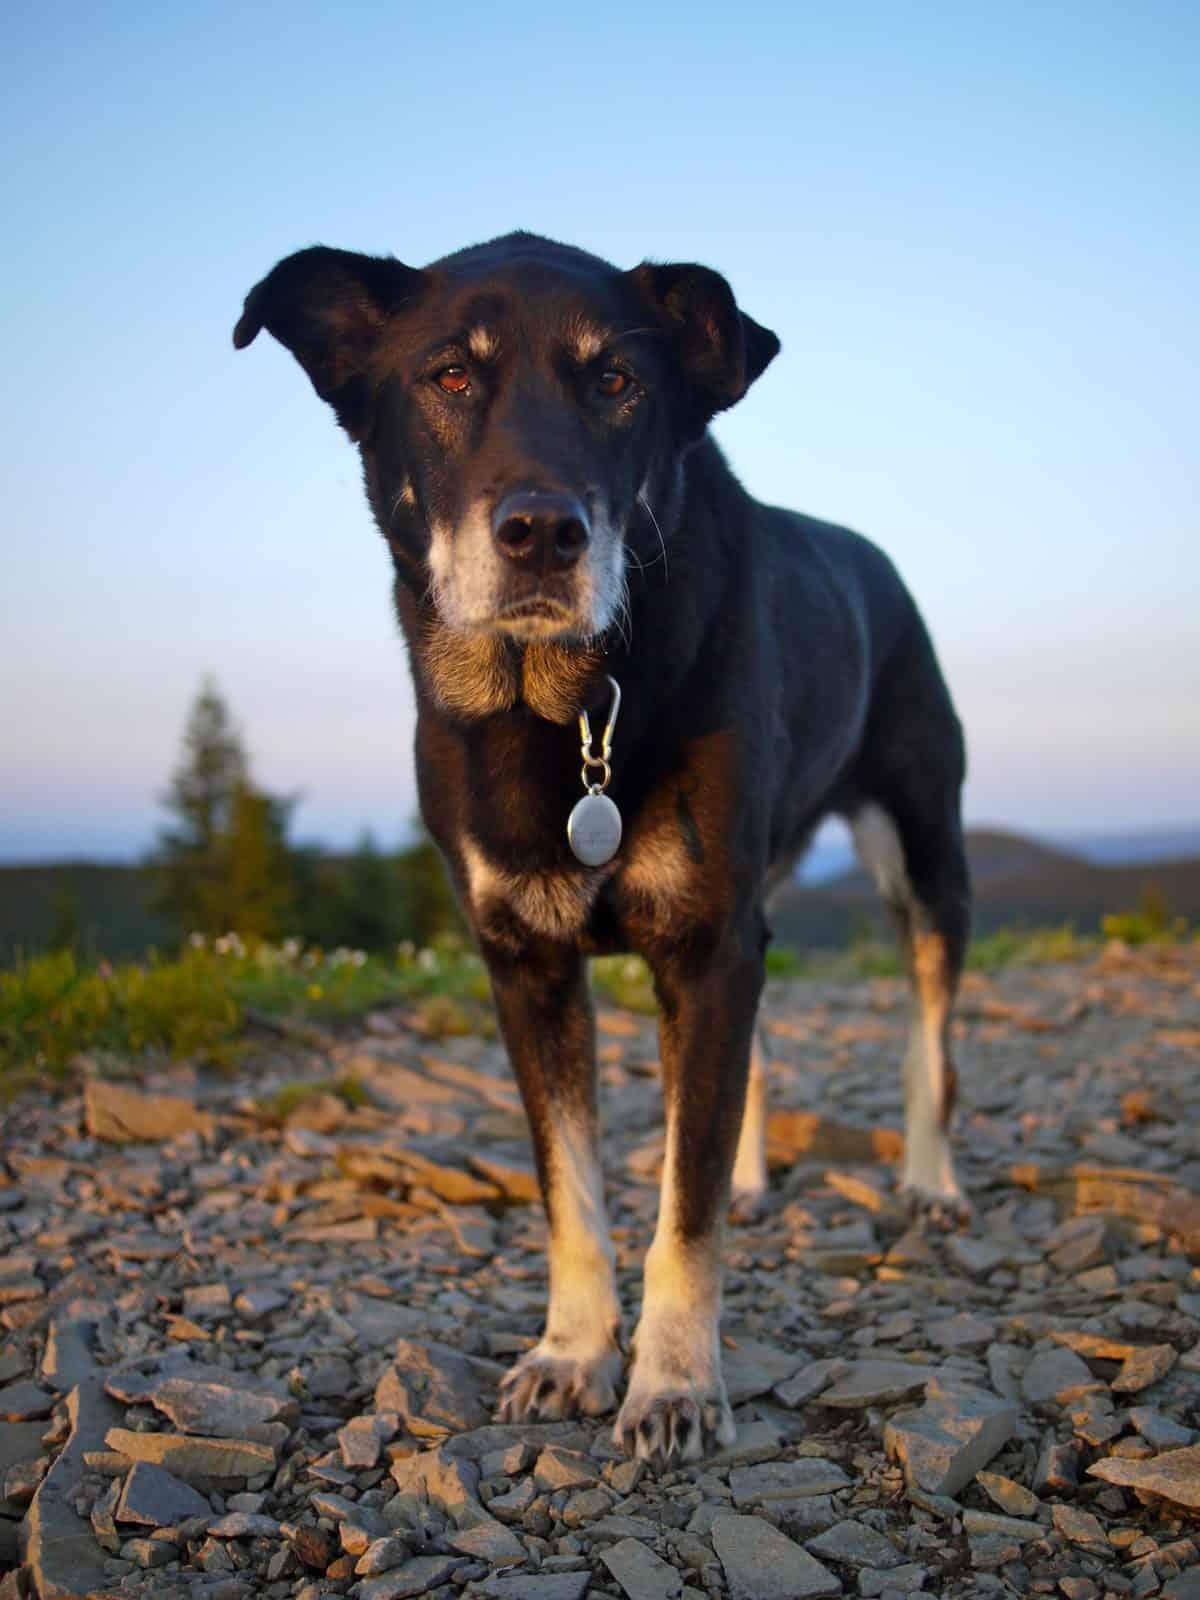 Stunning Dog Photography #52: Dog Files Community #14